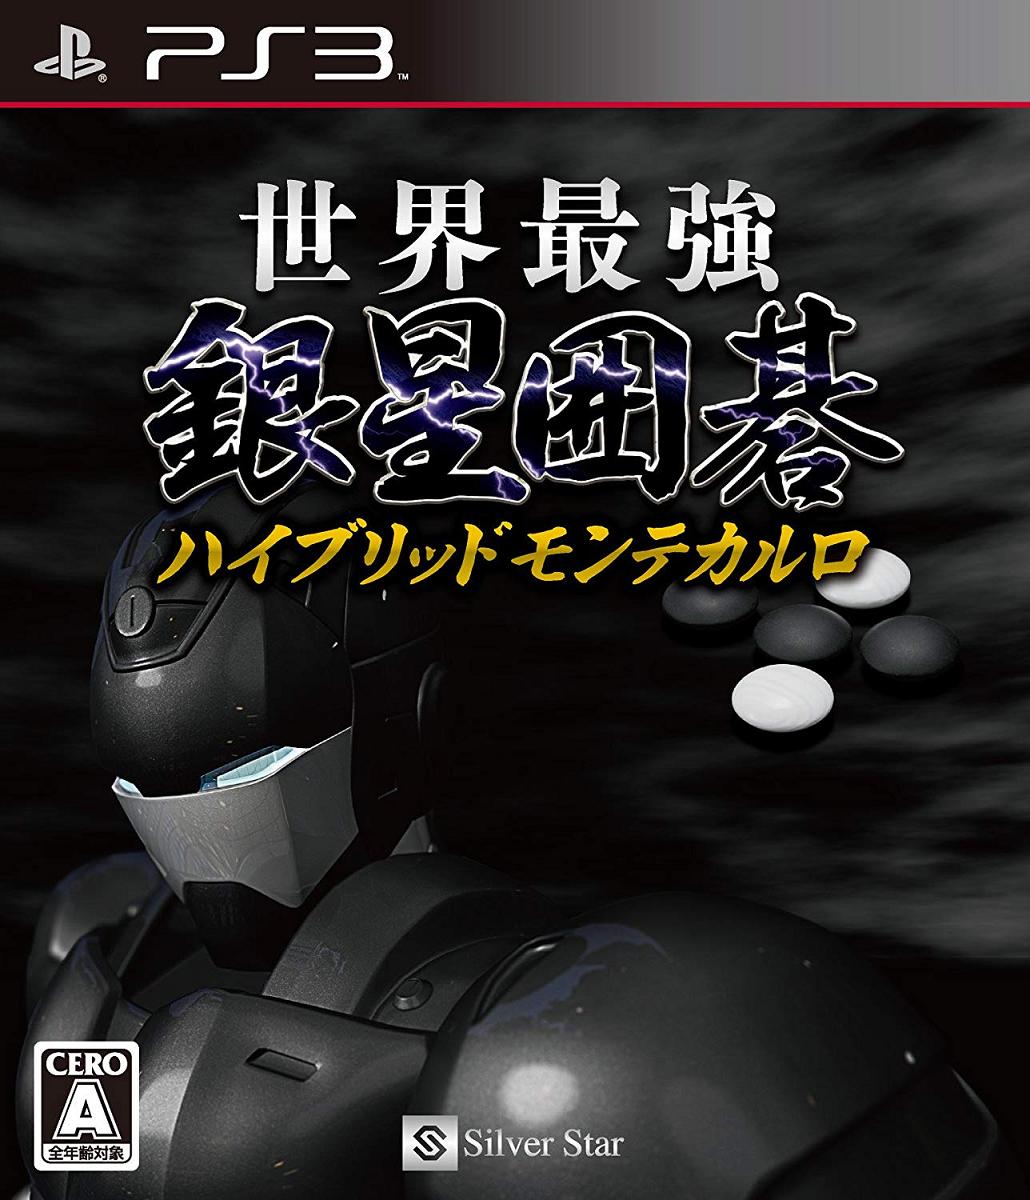 新品 新着セール お得セット PS3用ゲームソフト 世界最強銀星囲碁 ハイブリッドモンテカルロ